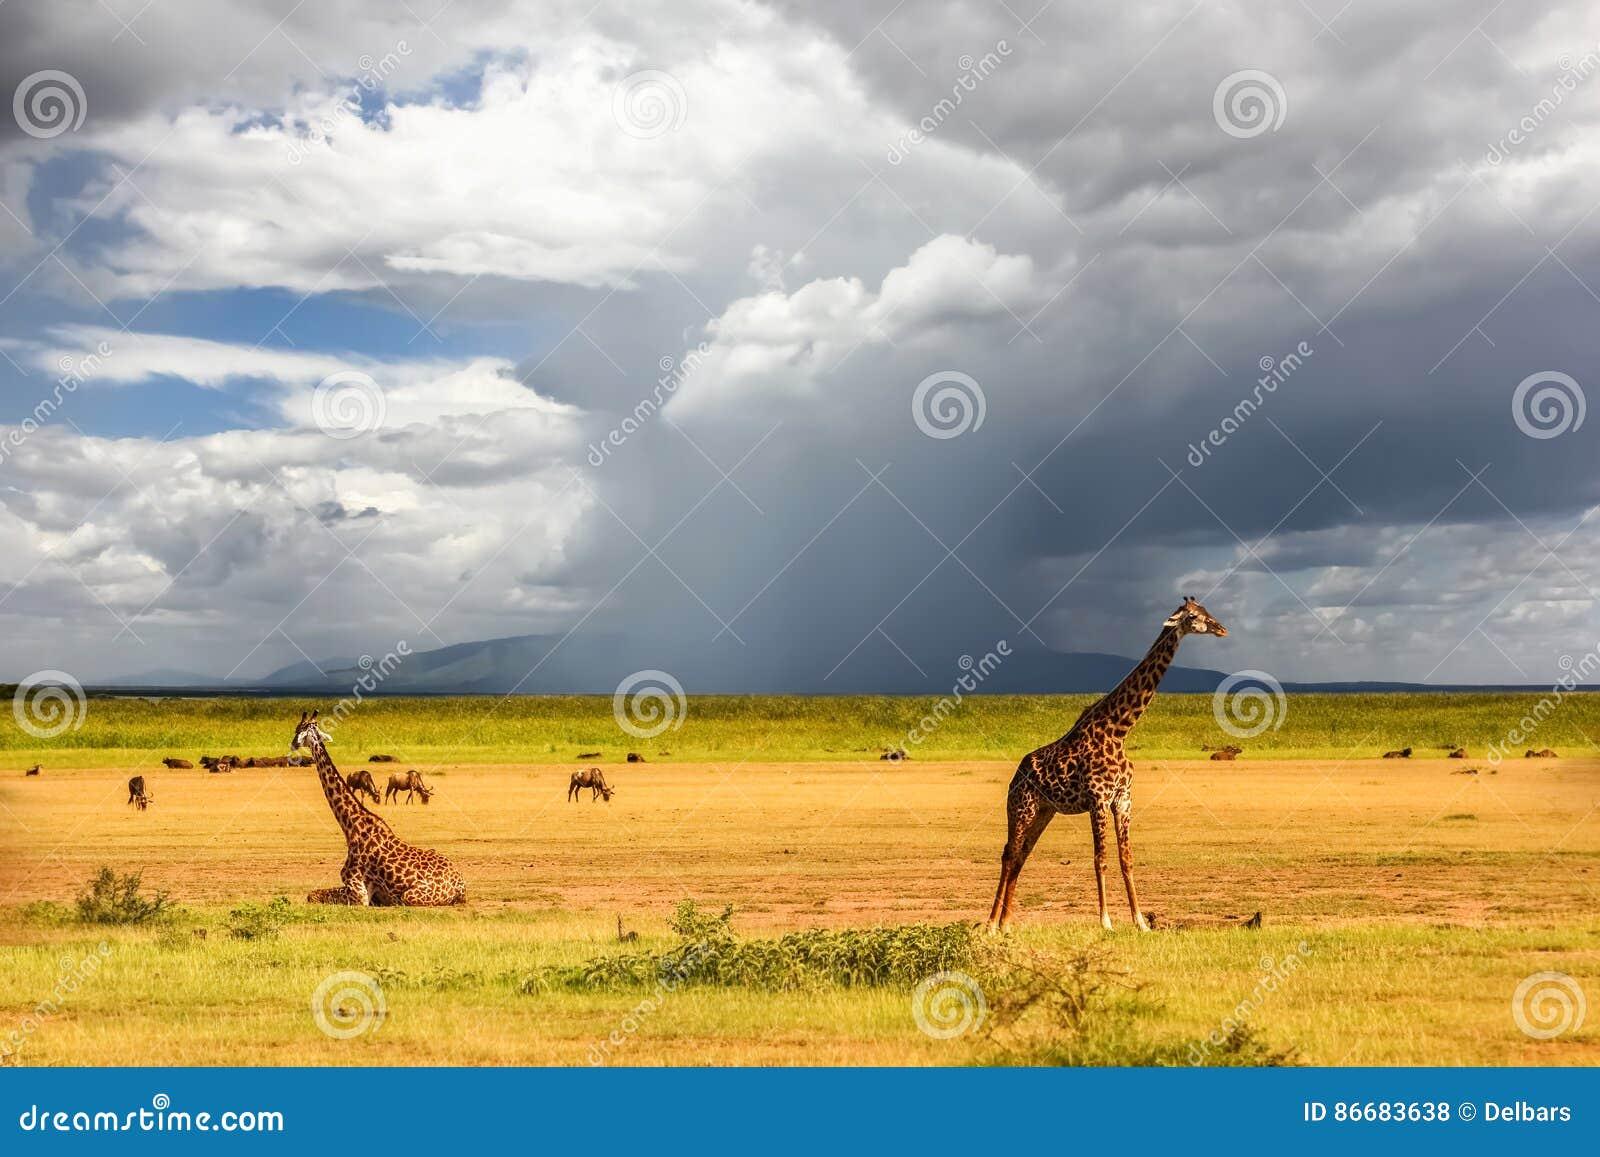 Afrikanska giraff på bakgrunden av en stormig himmel _ tanzania